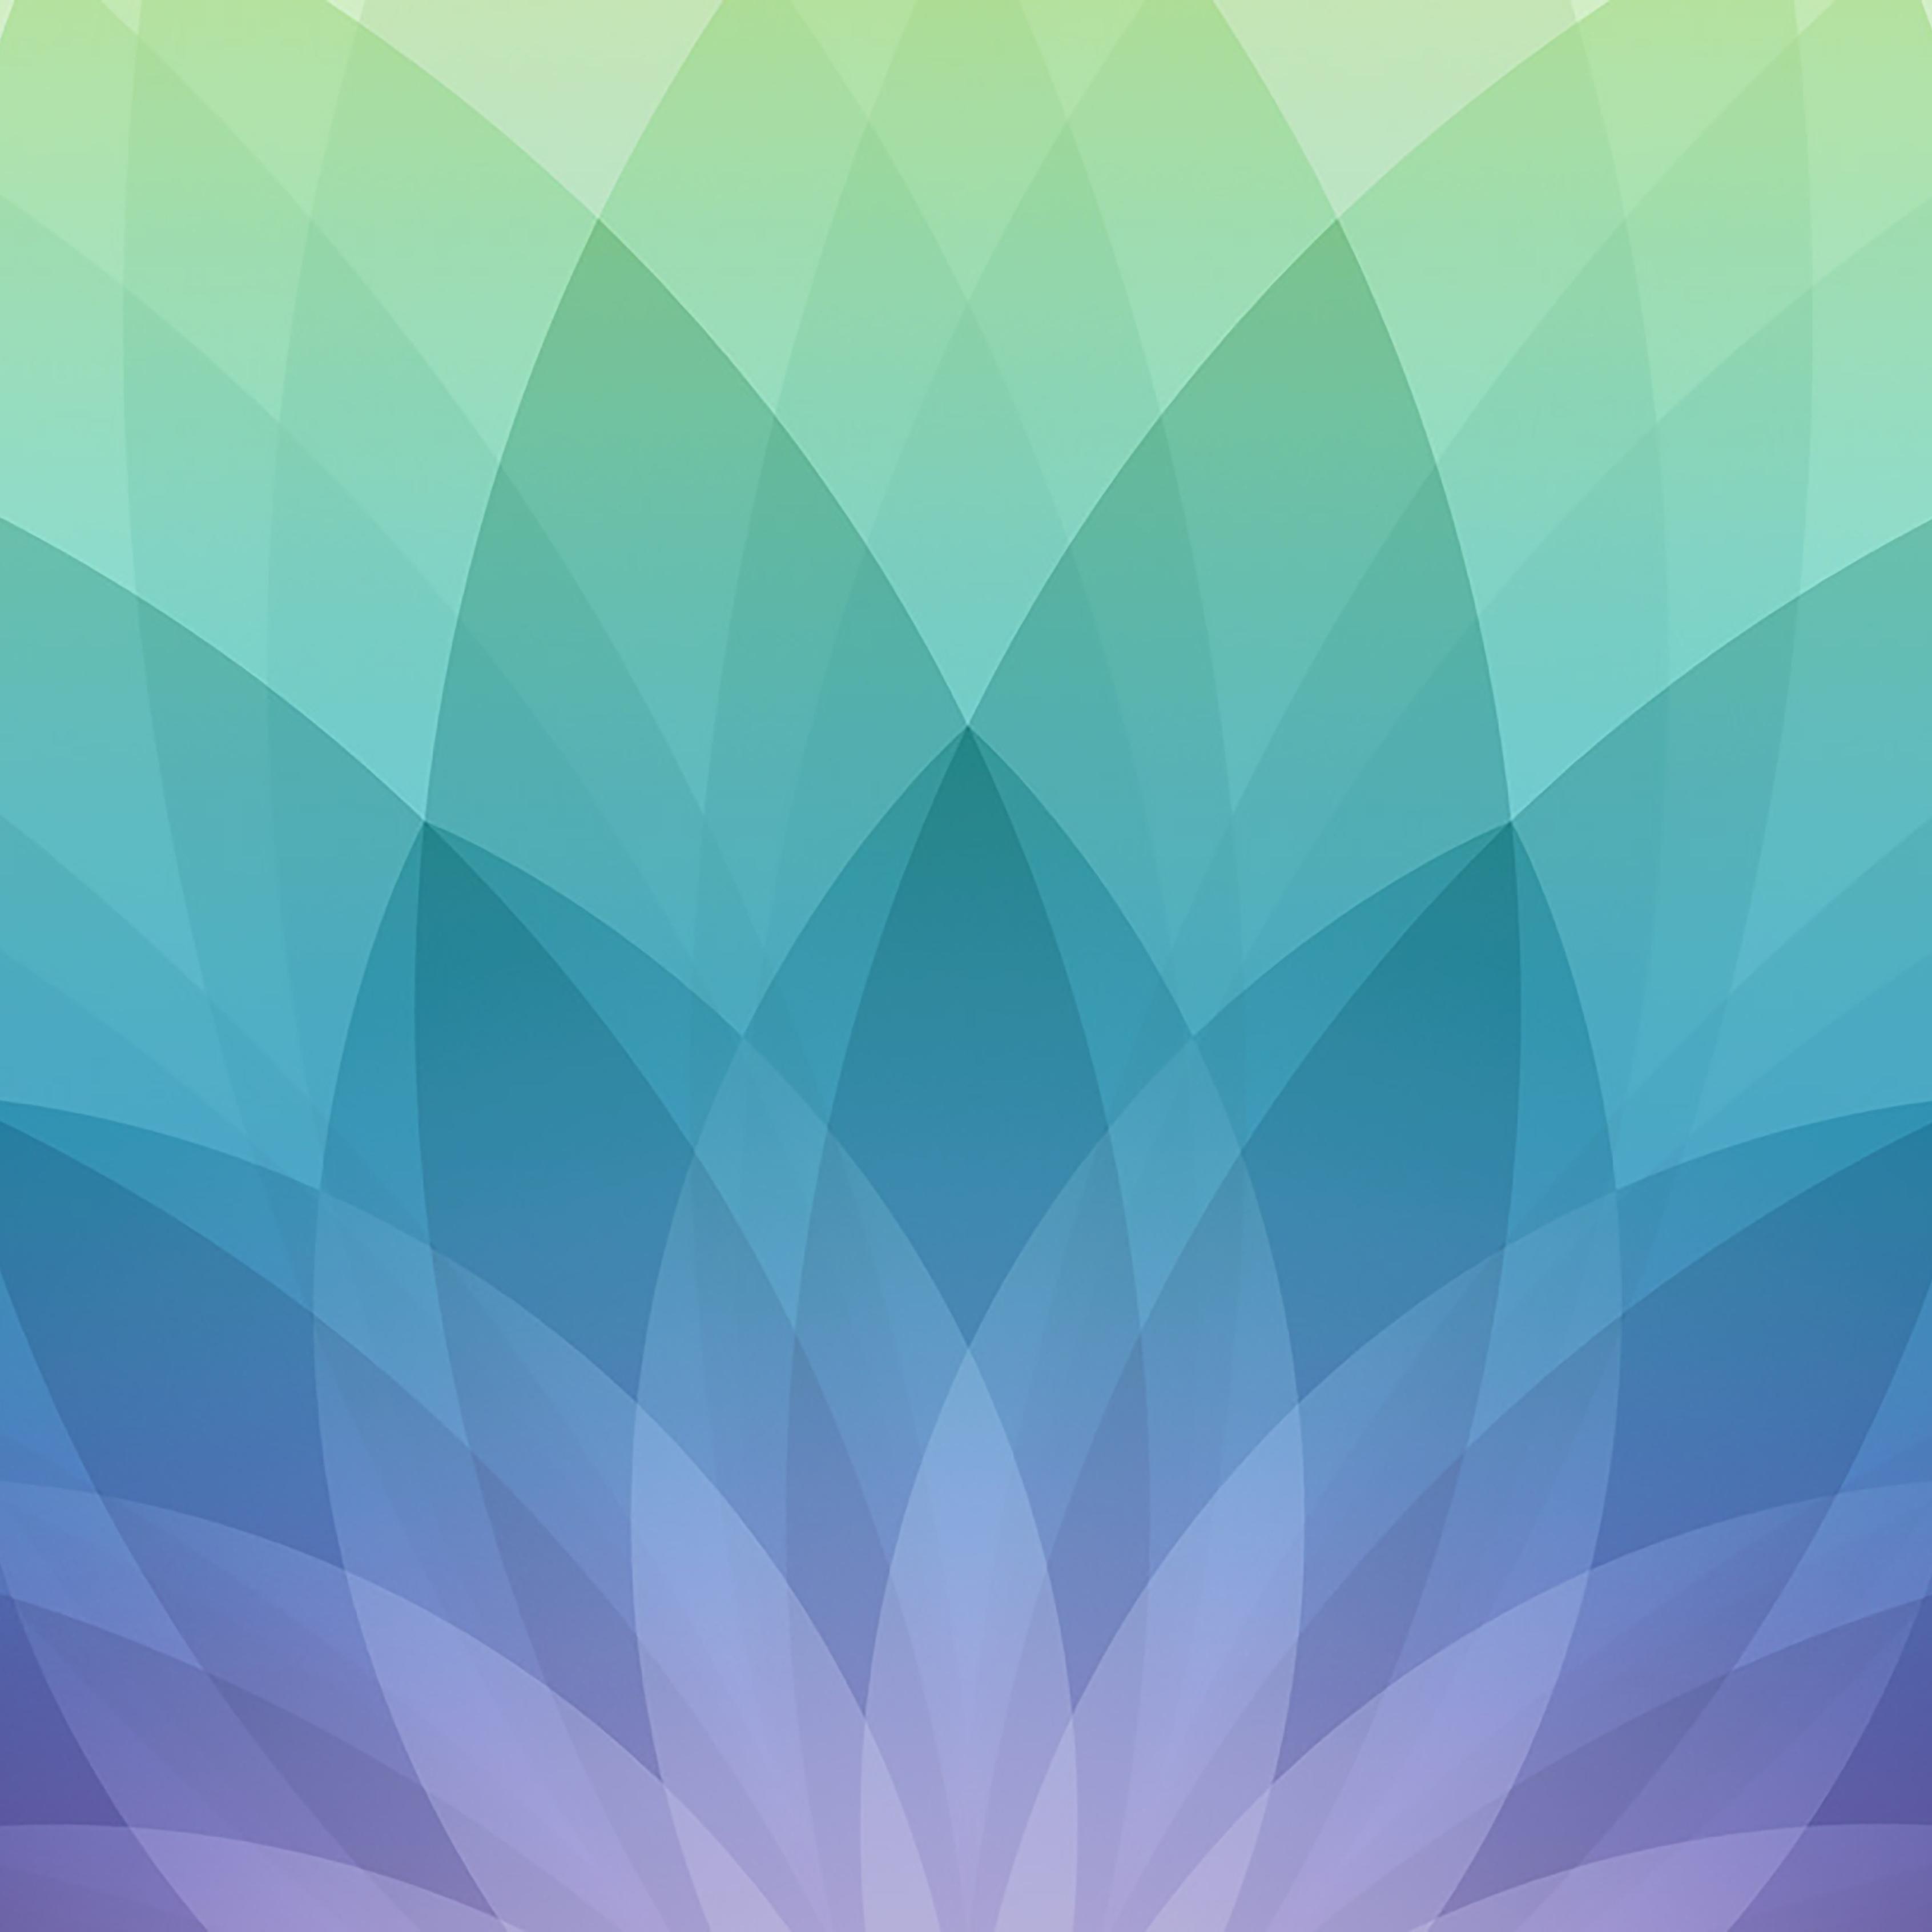 Картинки фон для инстаграмма однотонные